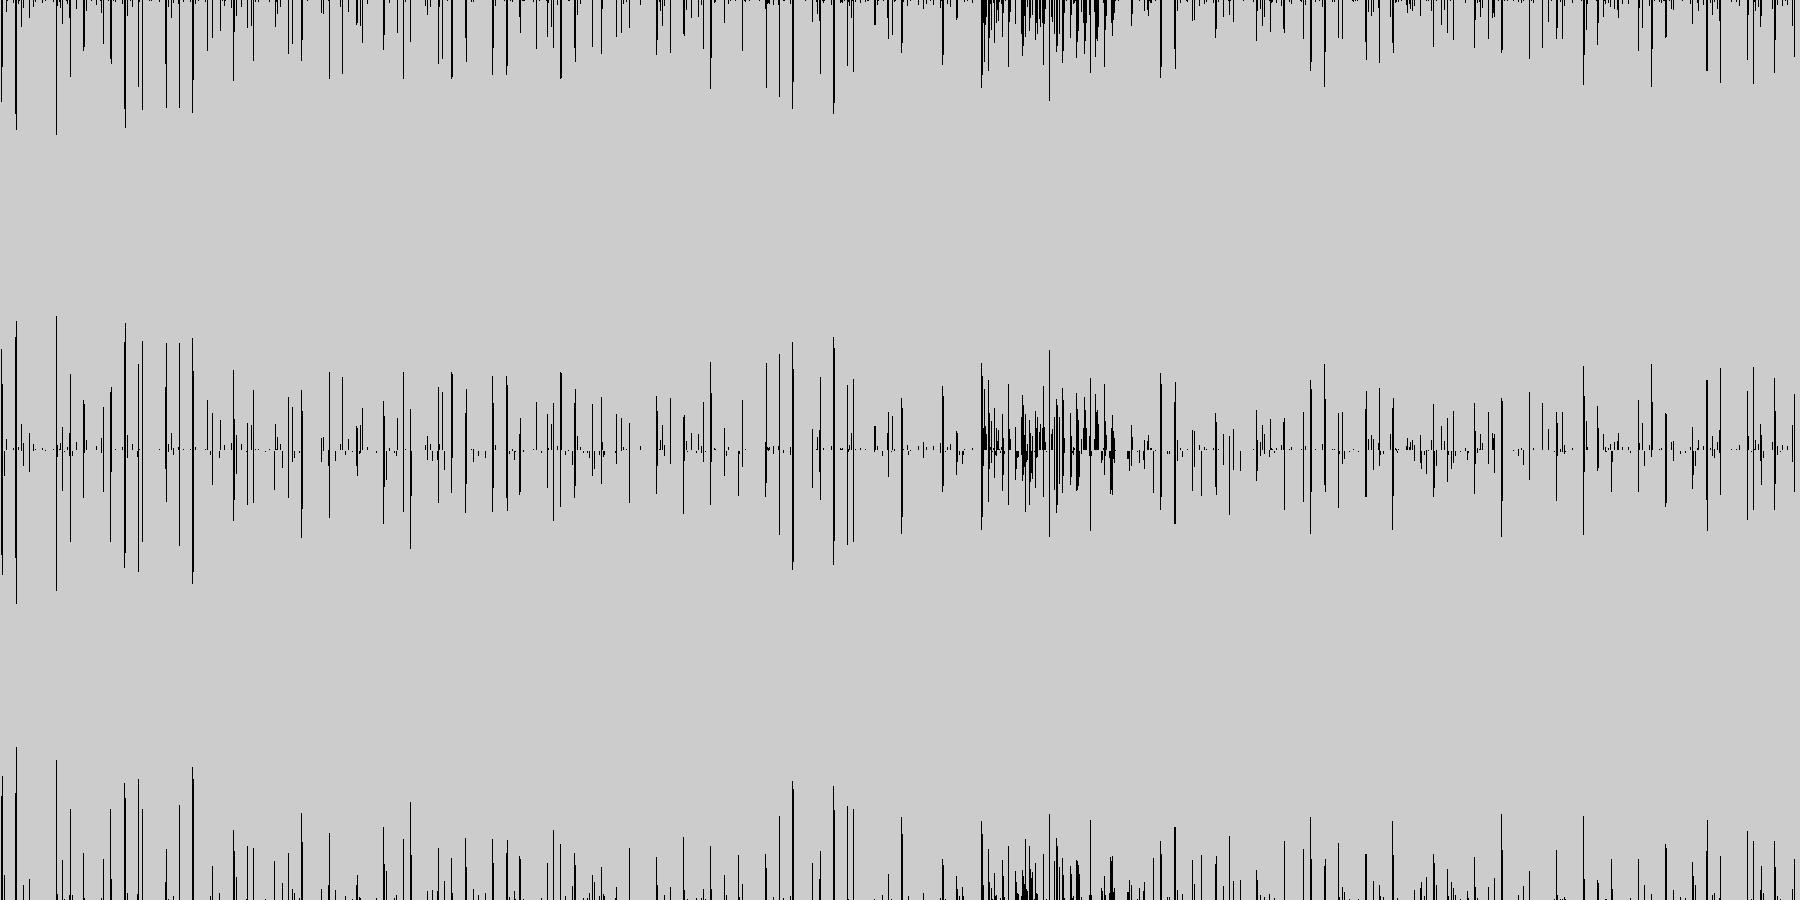 疾走感のあるシンプルなドラムンベース2の未再生の波形